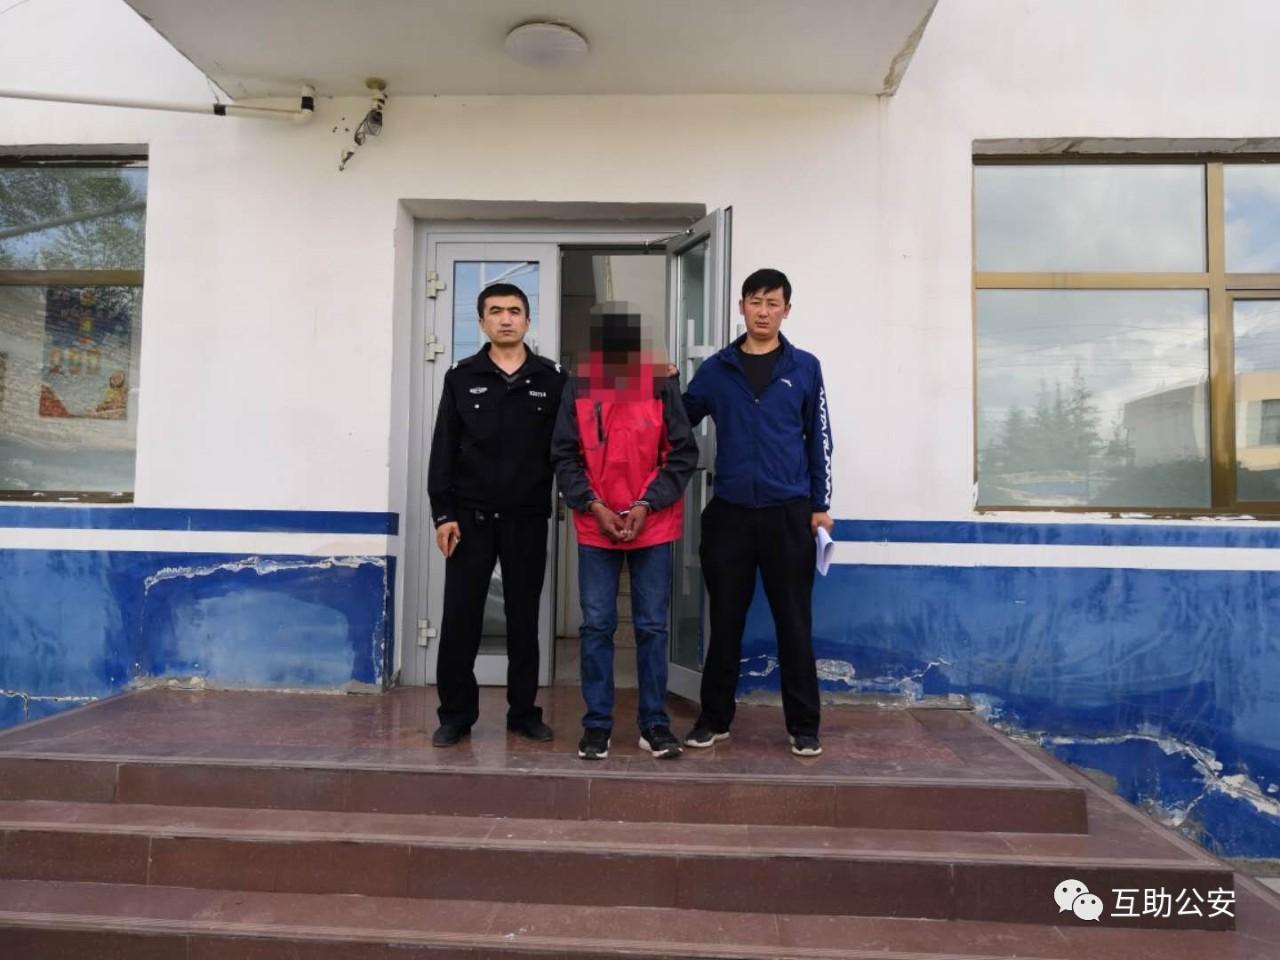 就是他!青海一男子猥亵小学生被抓